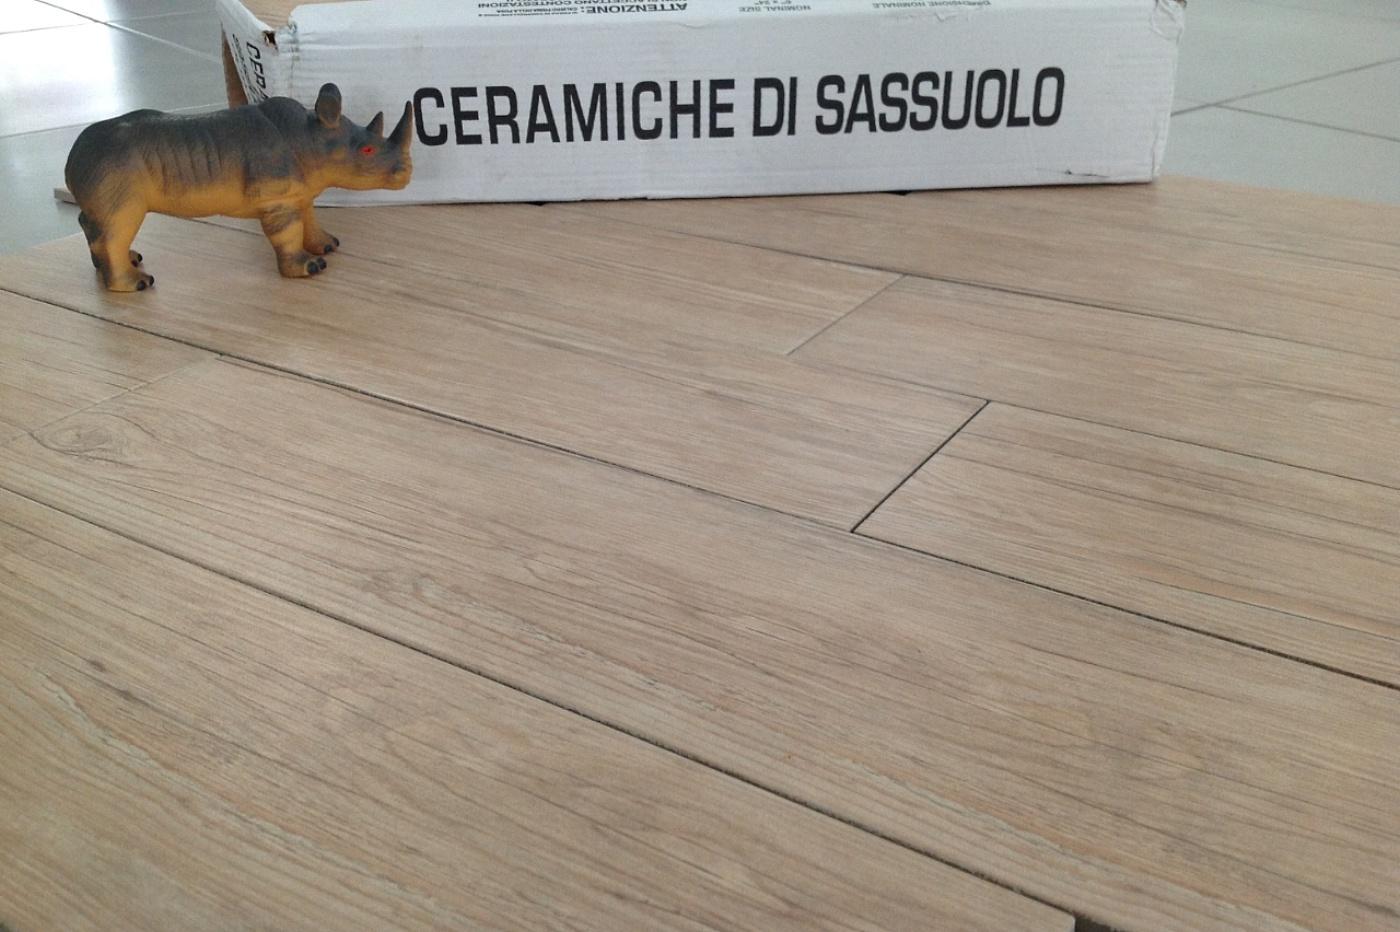 Ceramiche Sassuolo SM di Sacchi Marco  Vendita Diretta